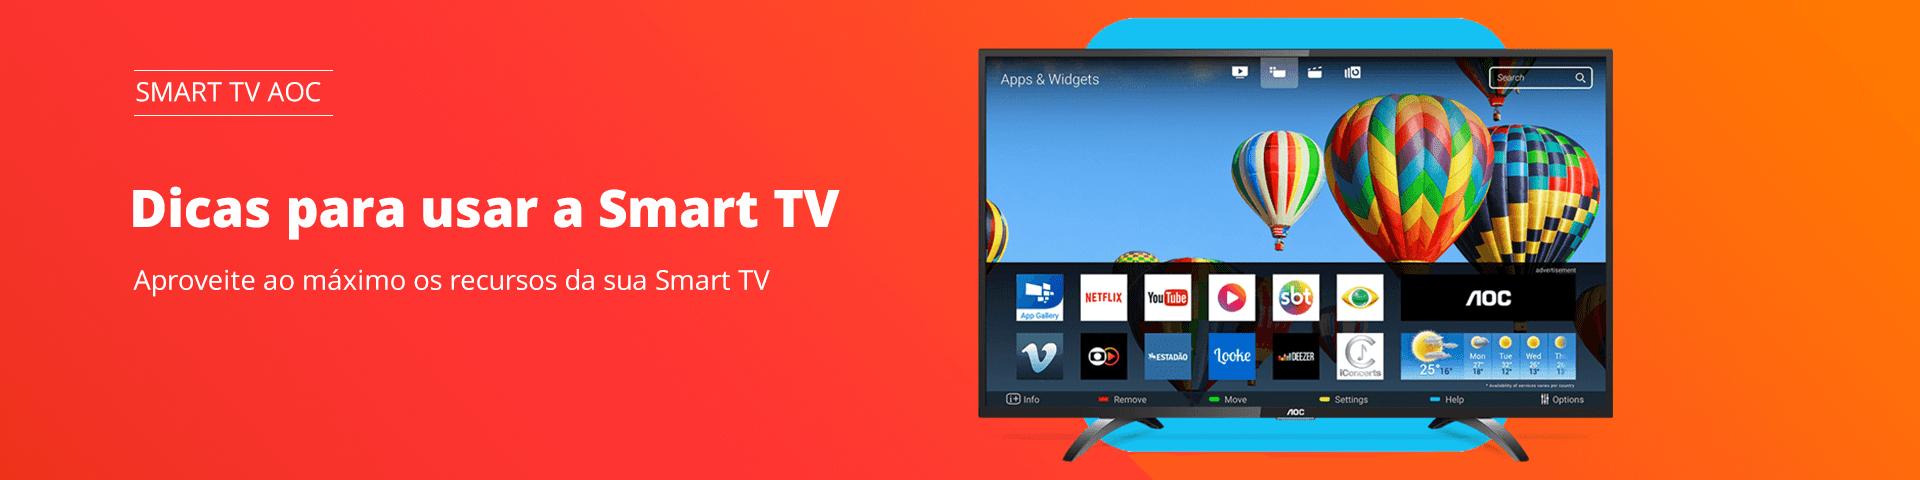 Dicas para usar a Smart TV